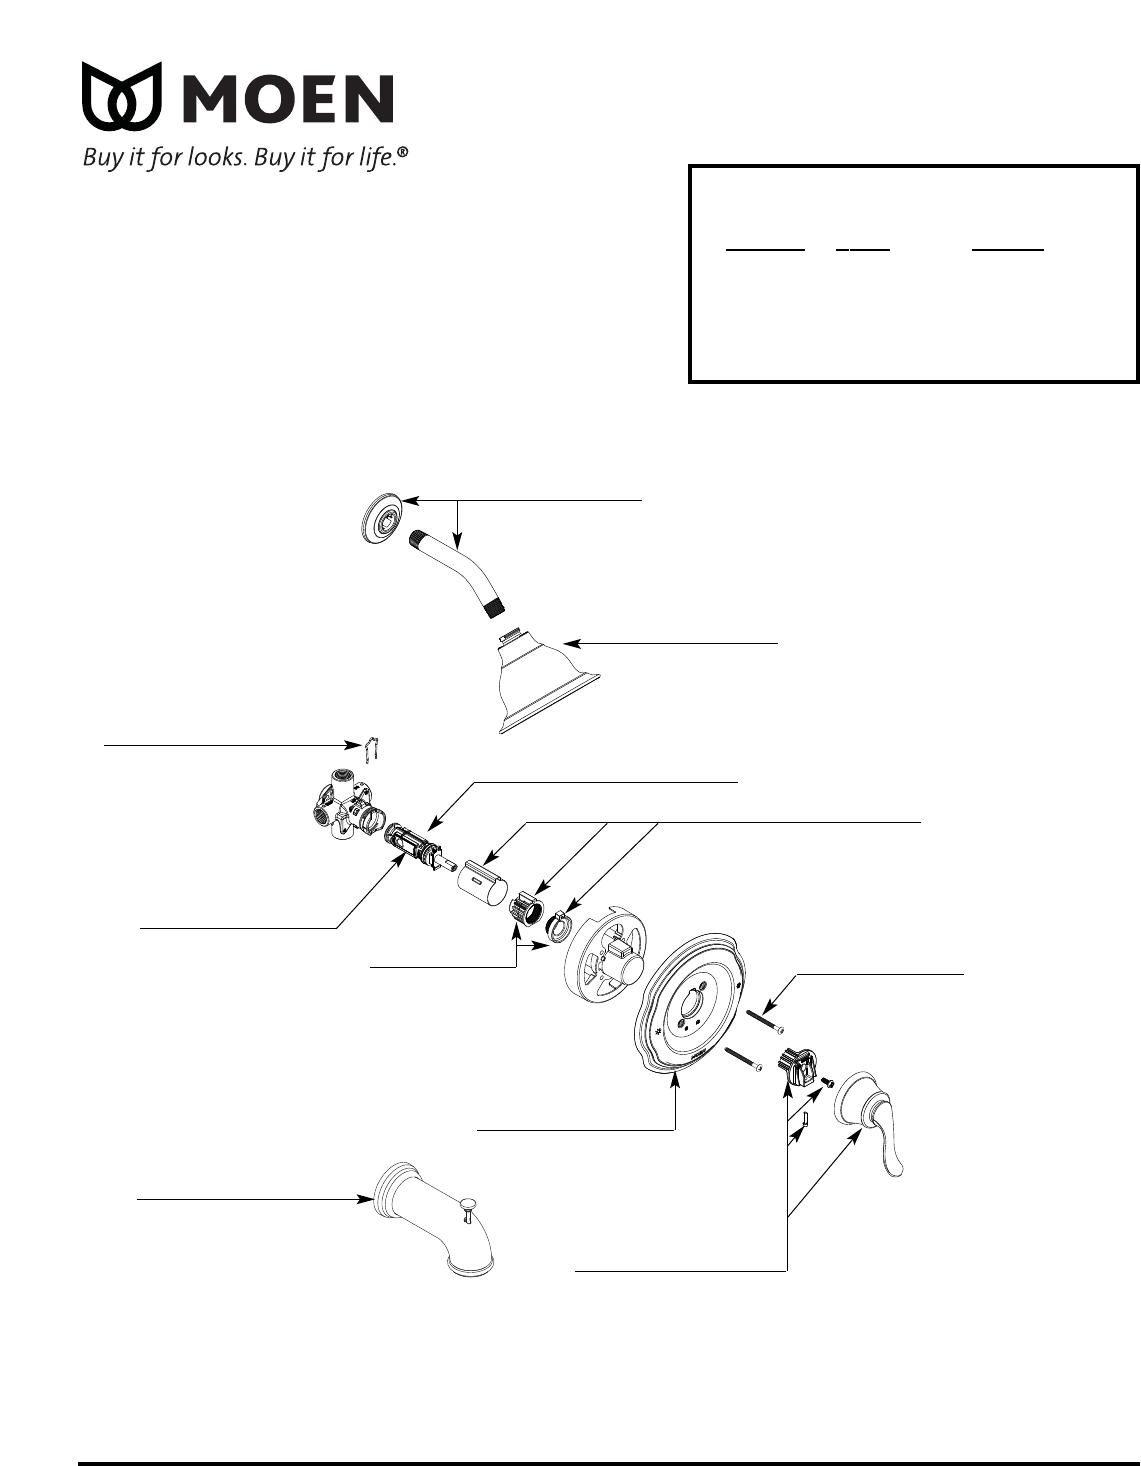 moen plumbing product 82001cbn user guide